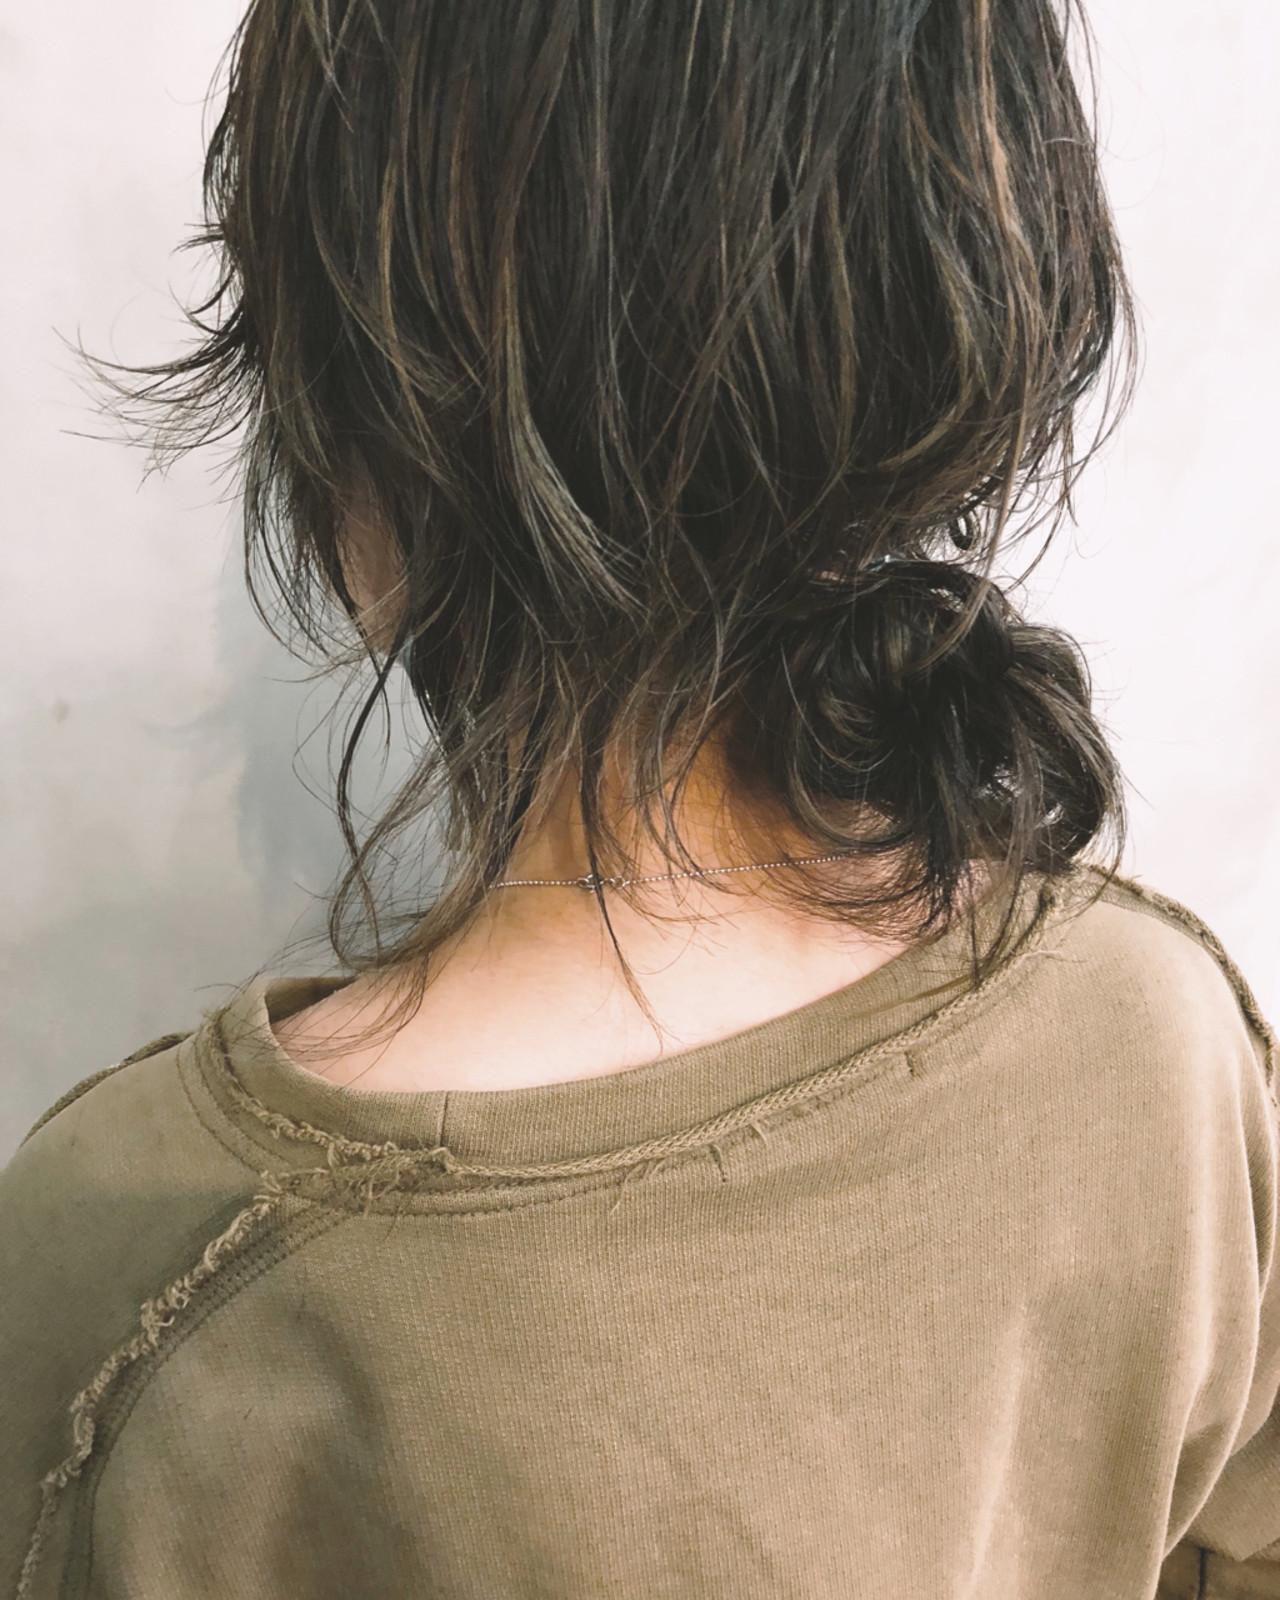 ミディアム 大人女子 抜け感 モード ヘアスタイルや髪型の写真・画像